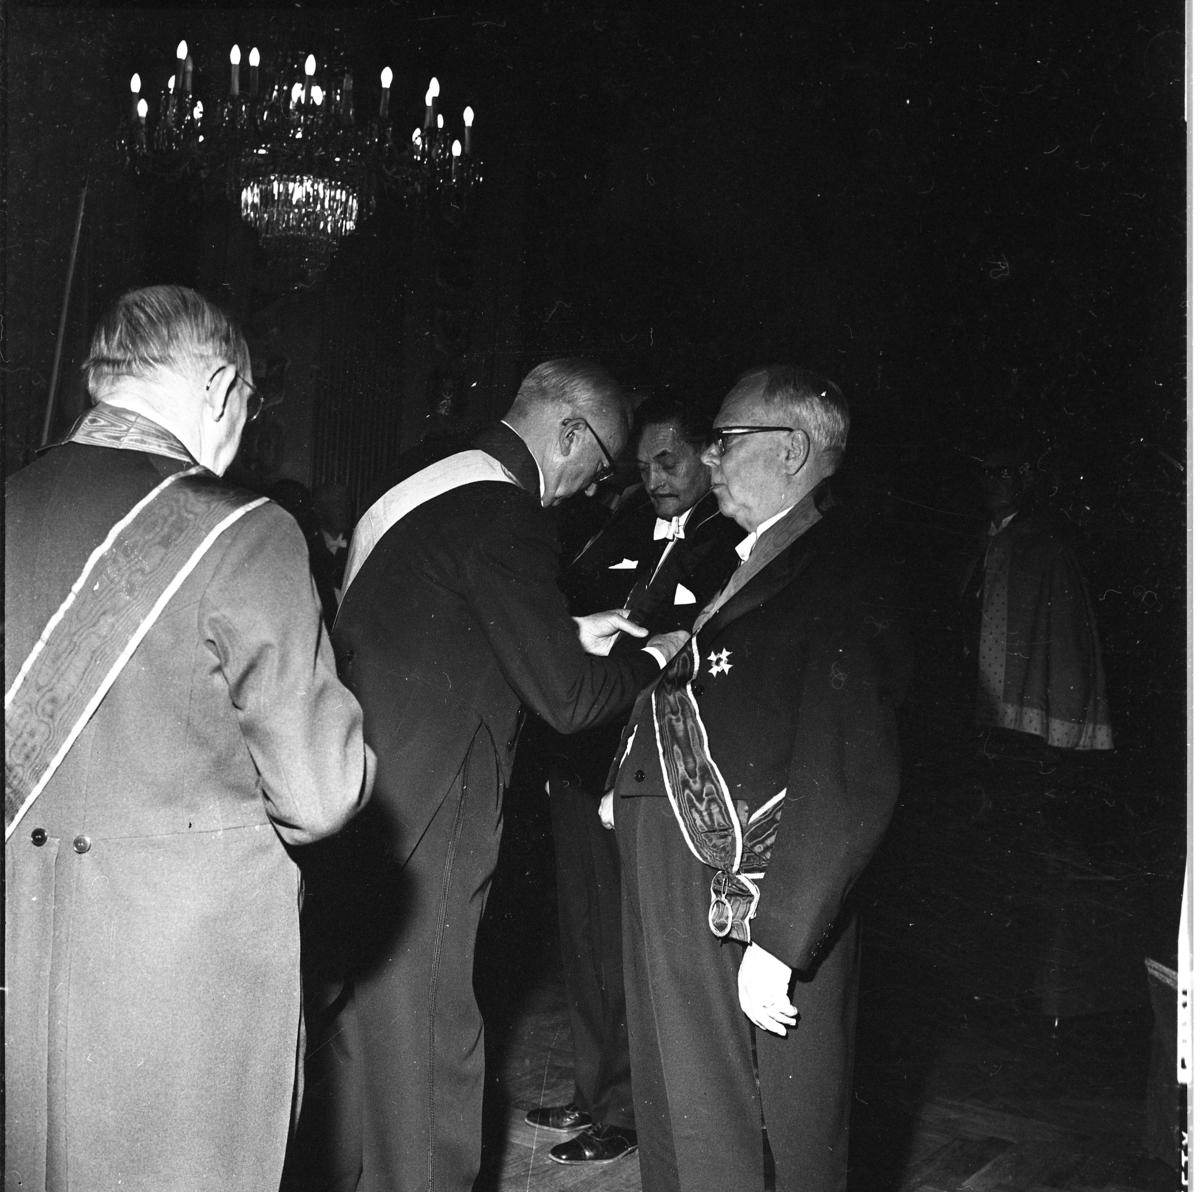 Sällskapet Par Bricole har sammankomst. En man sätter en kraschan på bröstet på en annan man.